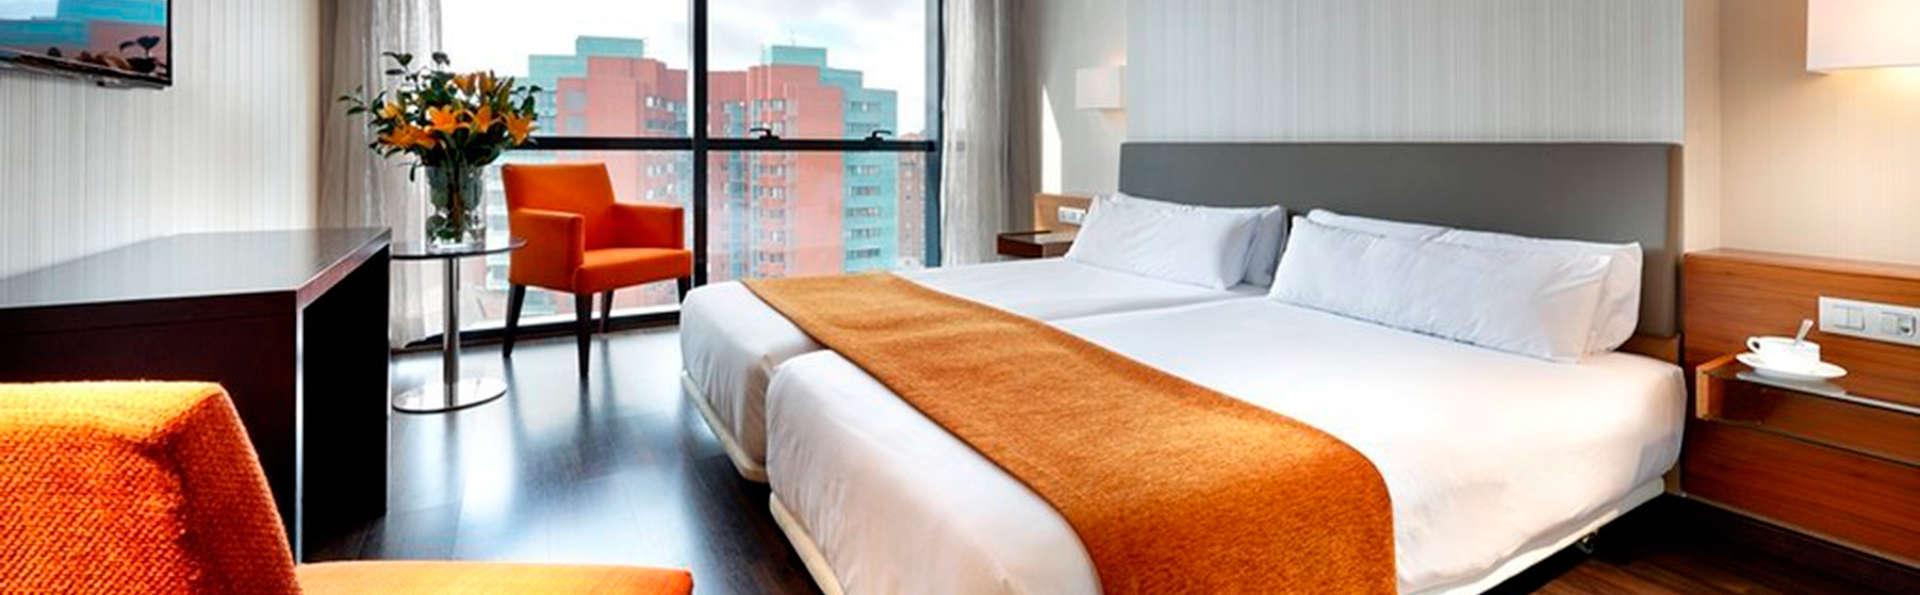 Hotel Puerta de Burgos - EDIT_room1.jpg